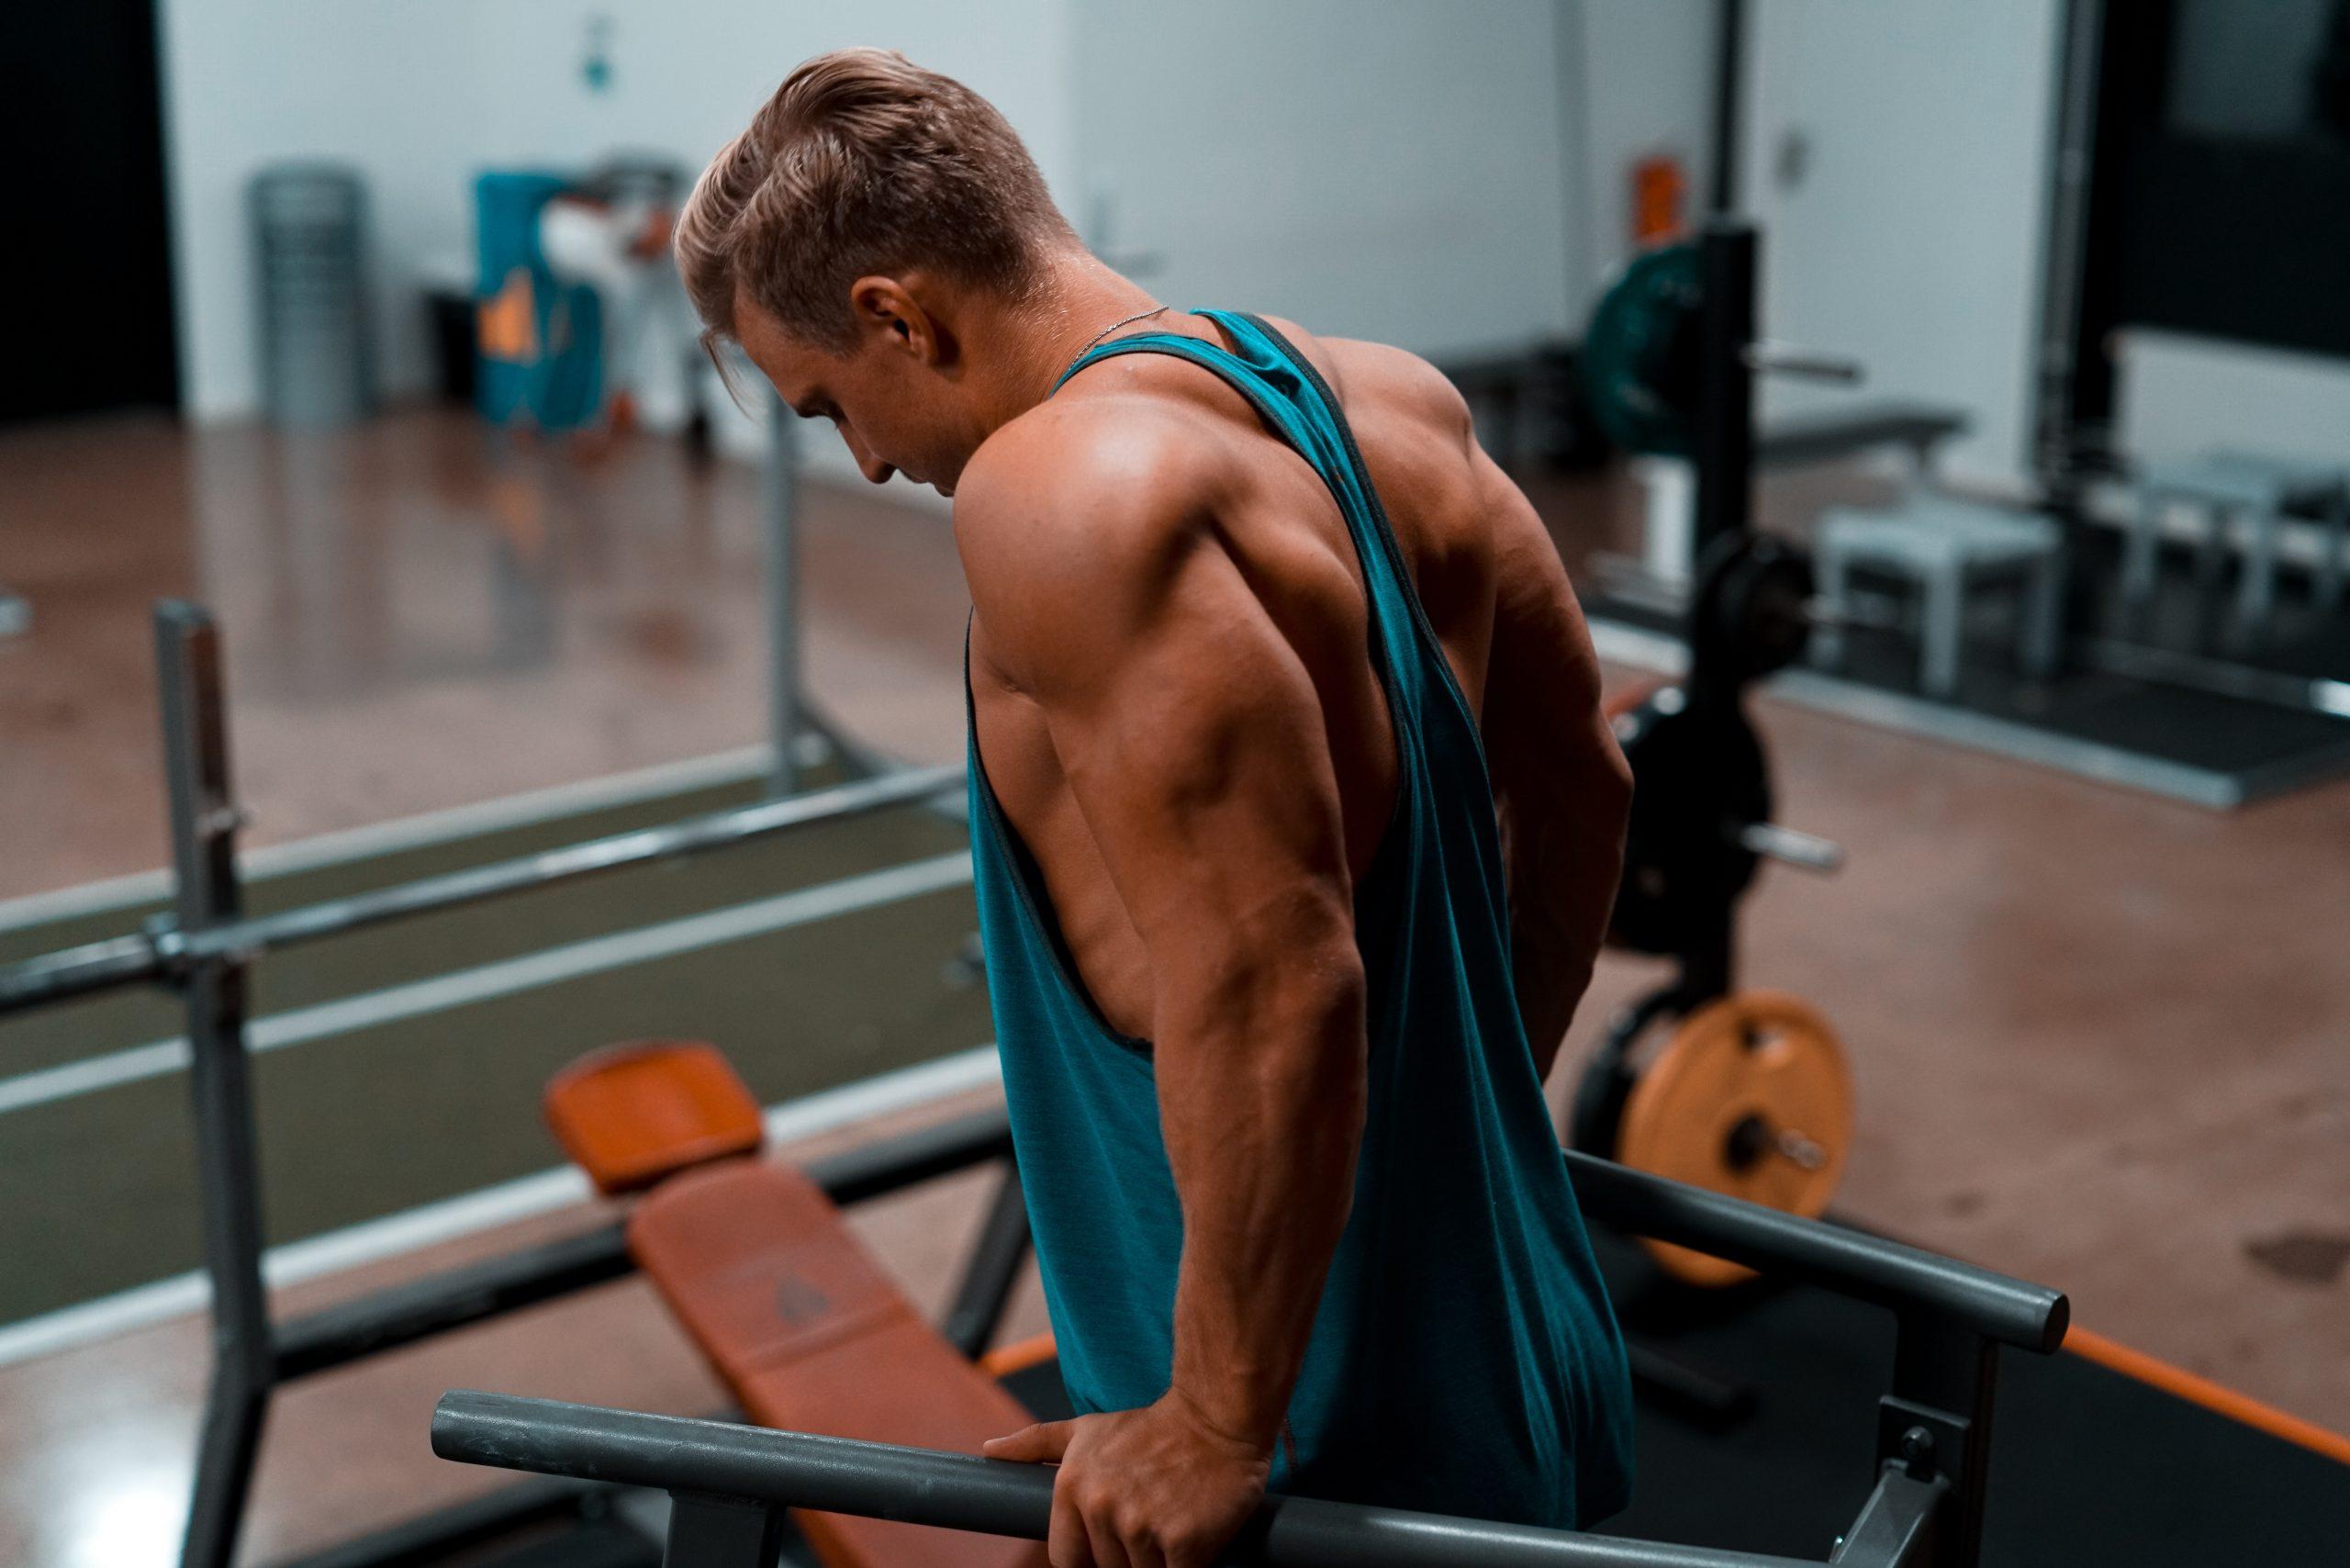 Imagem de um homem musculoso.